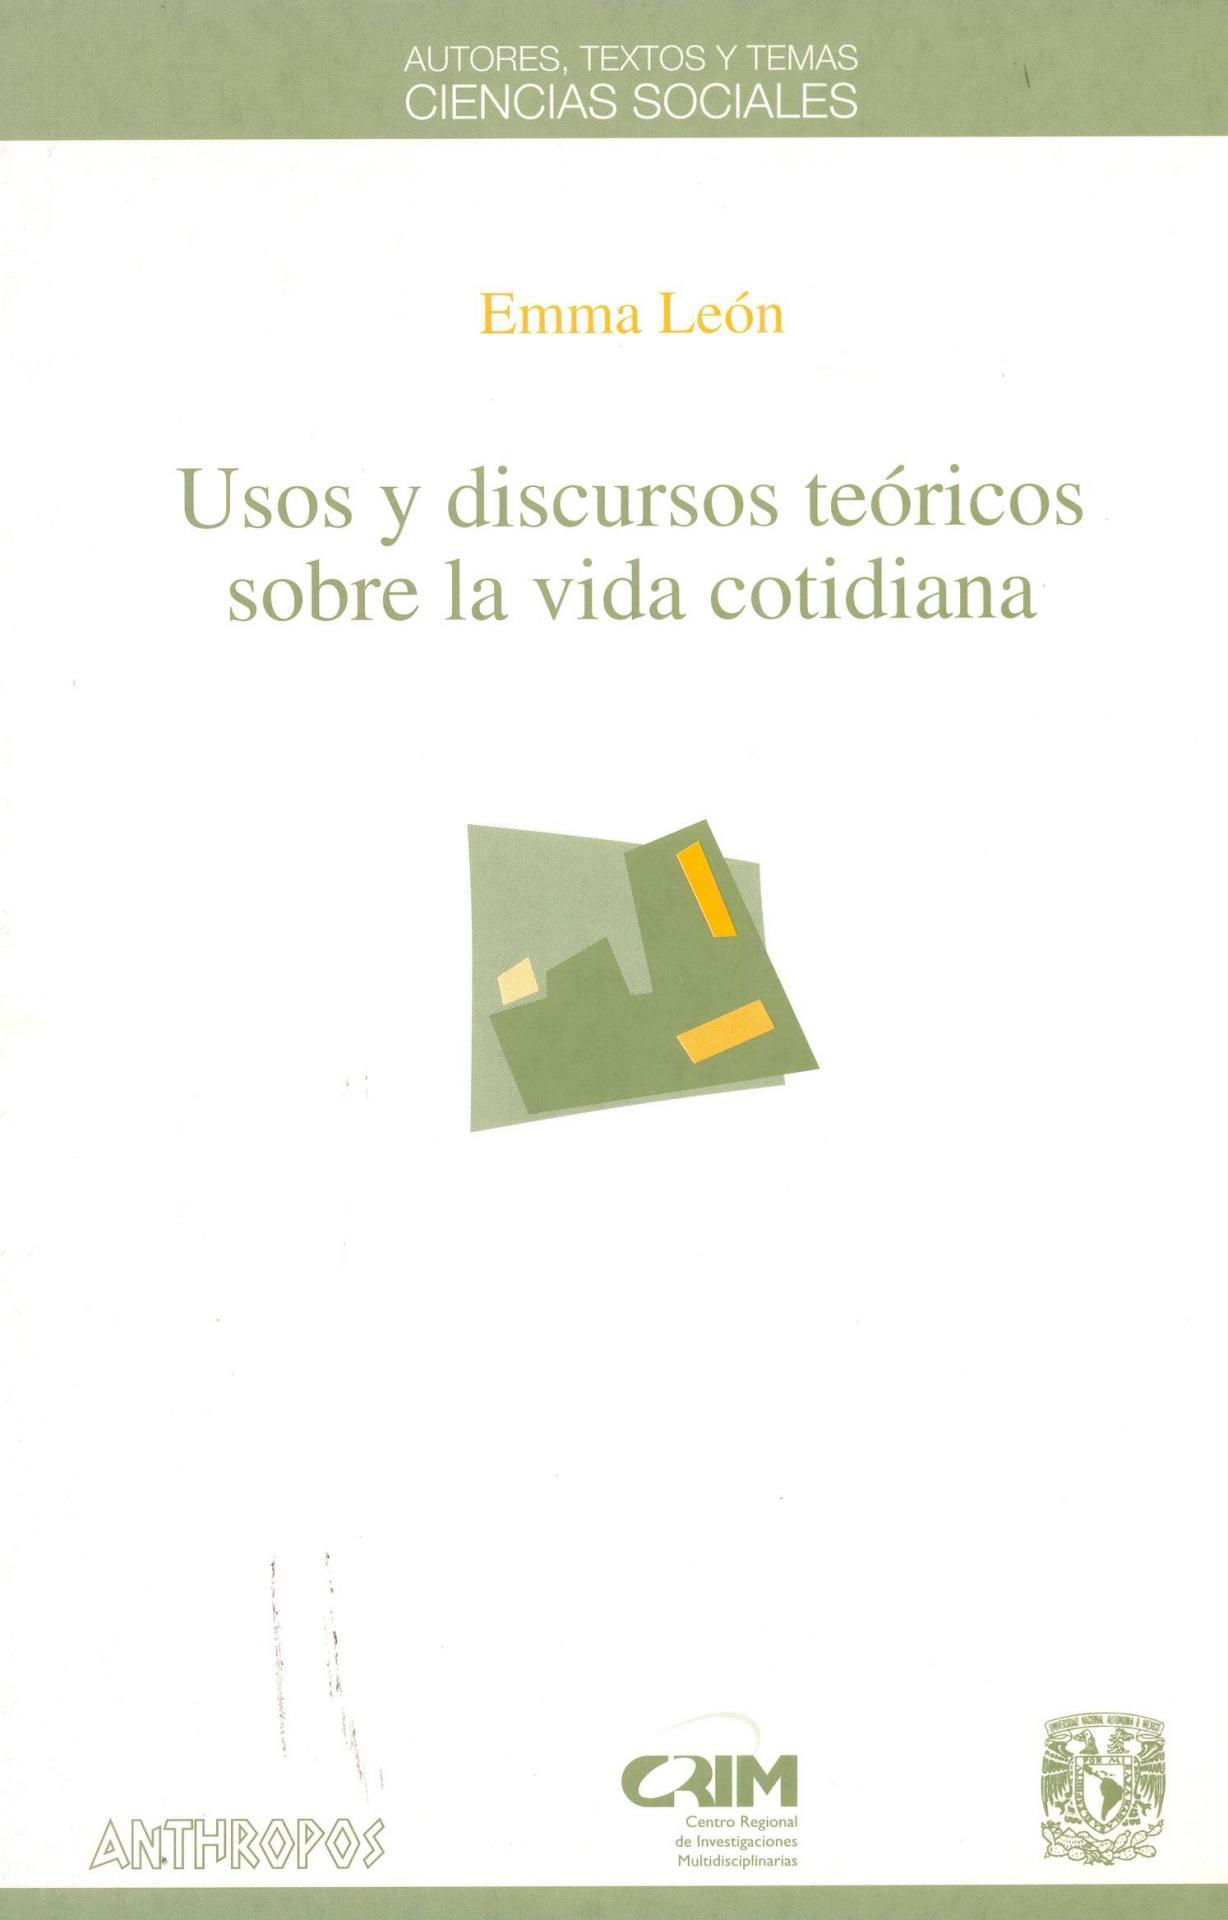 USOS Y DISCURSOS TEÓRICOS SOBRE LA VIDA COTIDIANA. León, E.